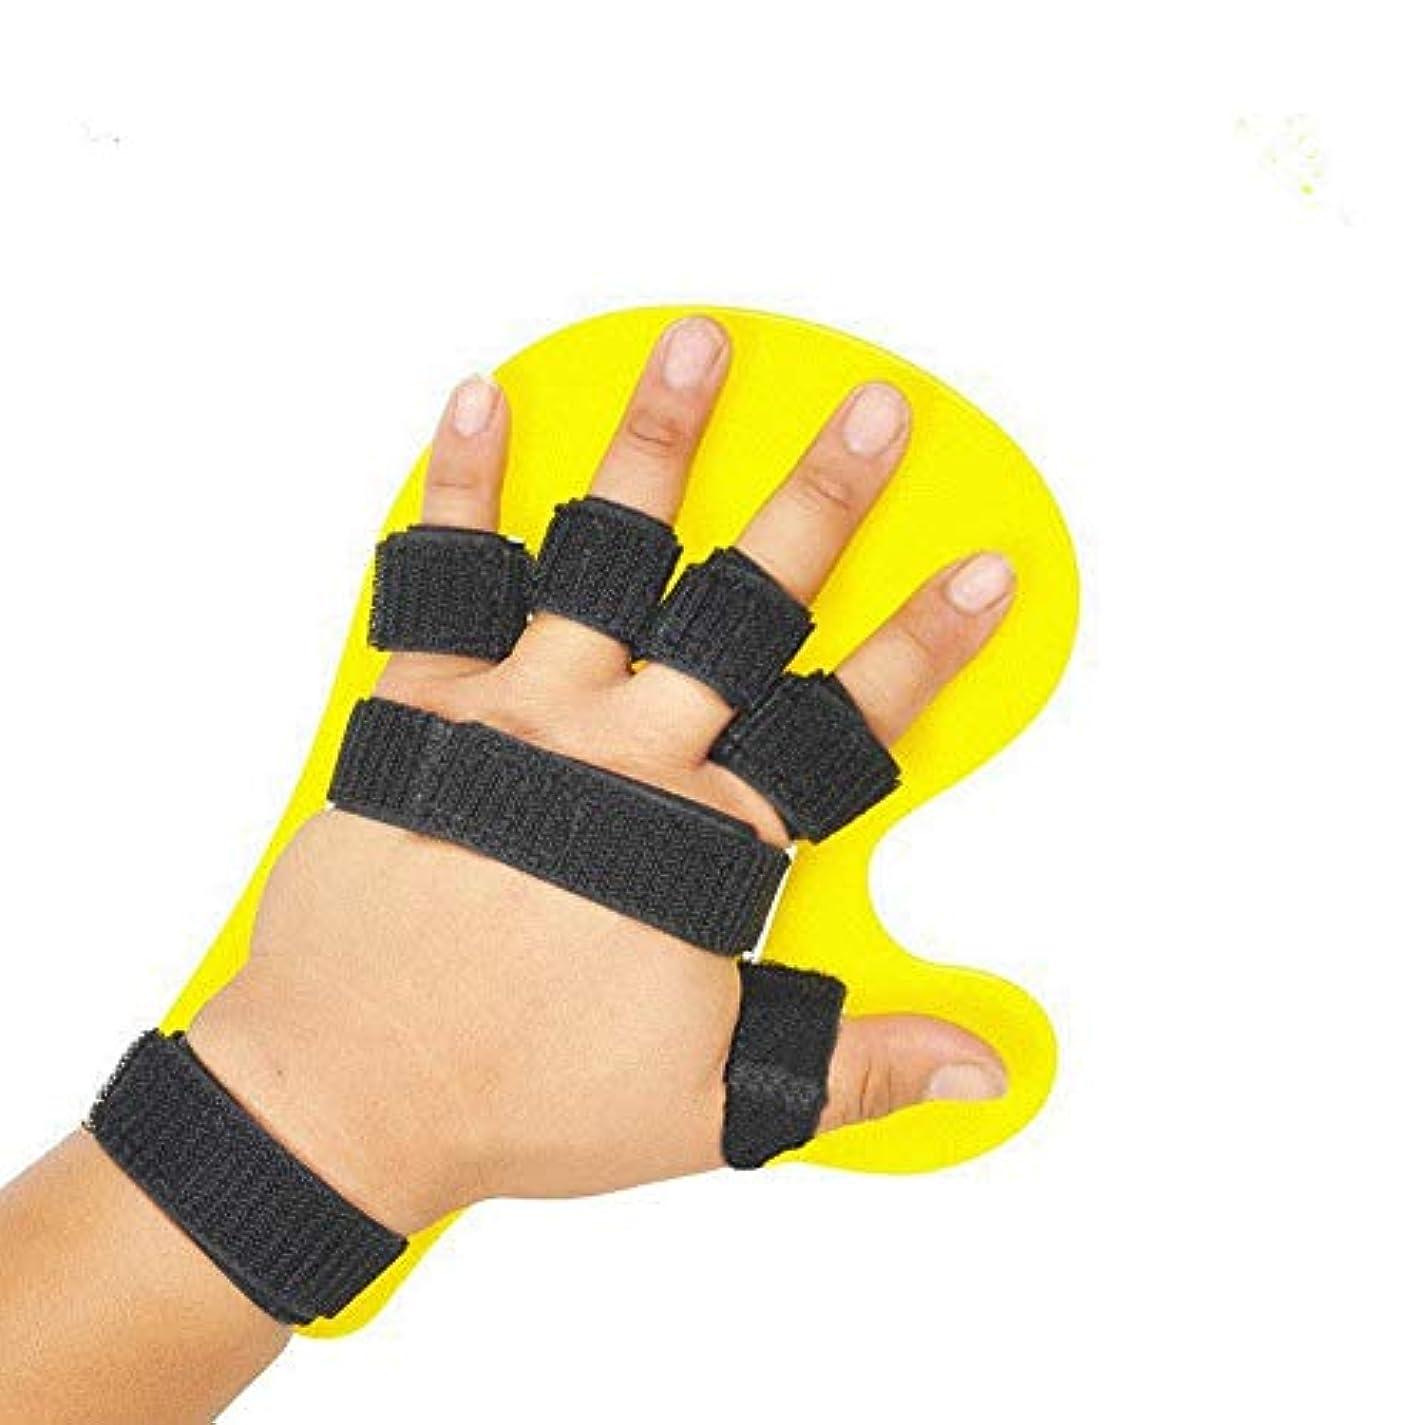 さておき理容師壁紙調節可能な 成人指板は、筋萎縮を防止します指セパレーター(黄色)